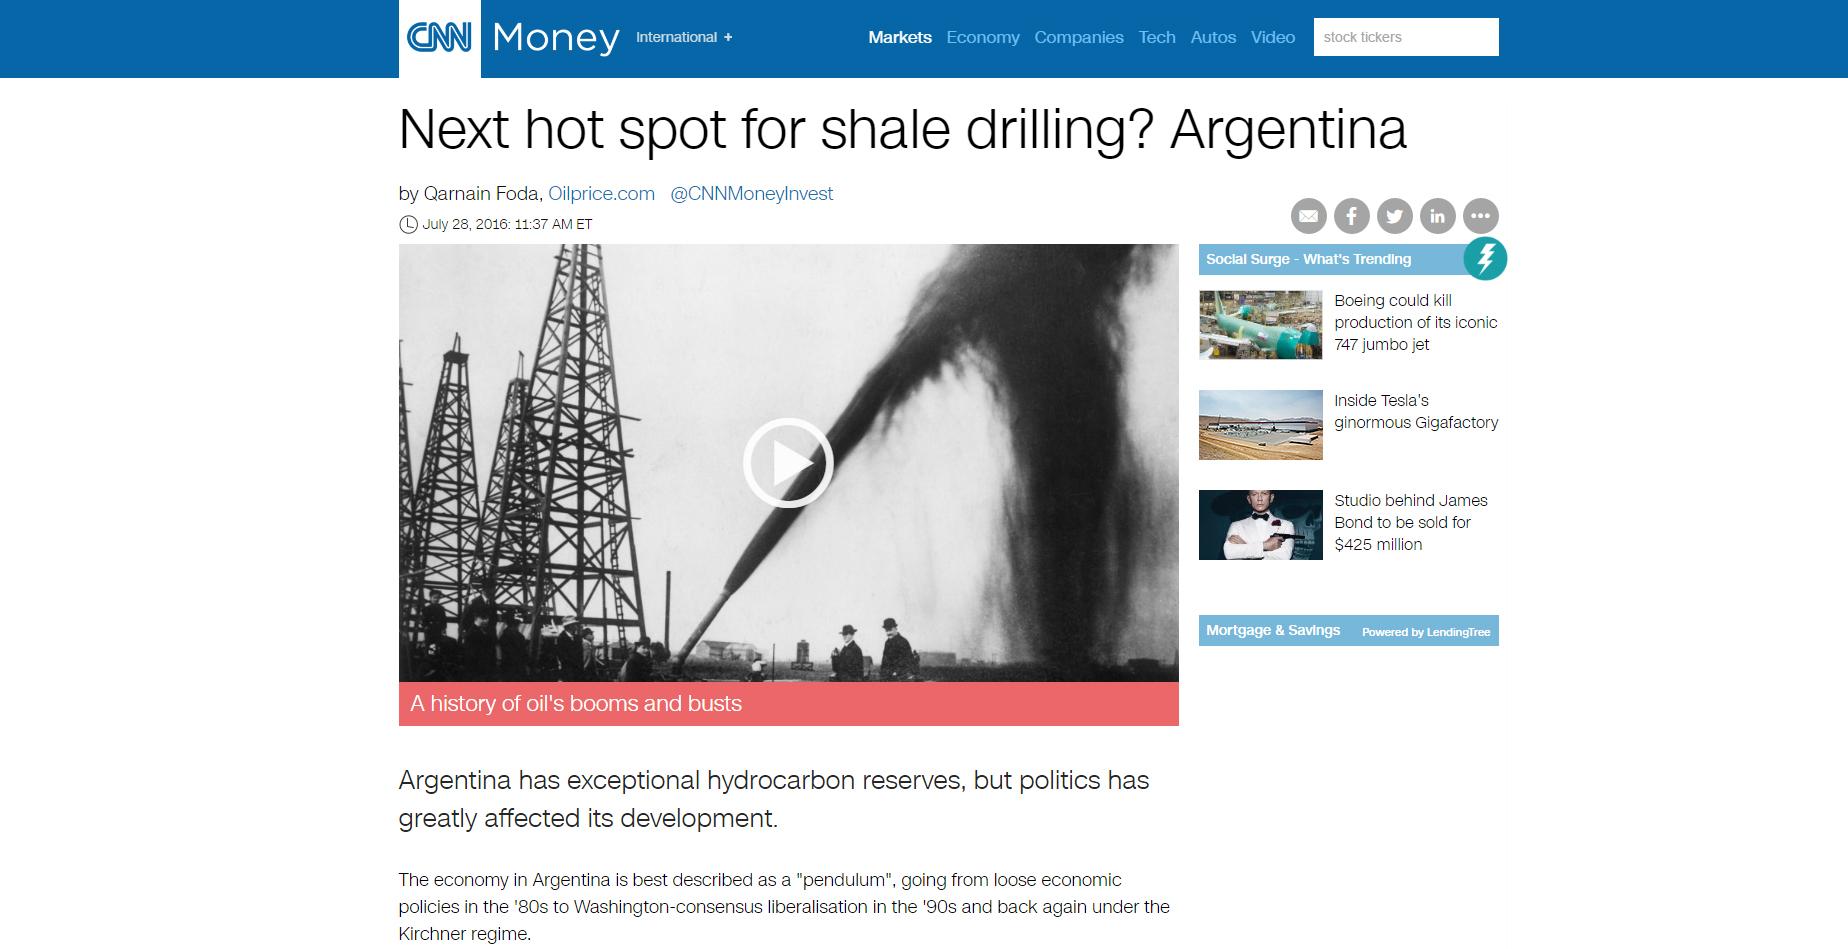 CNN Money destacó las posibilidades de la Argentina para las perforaciones de shale